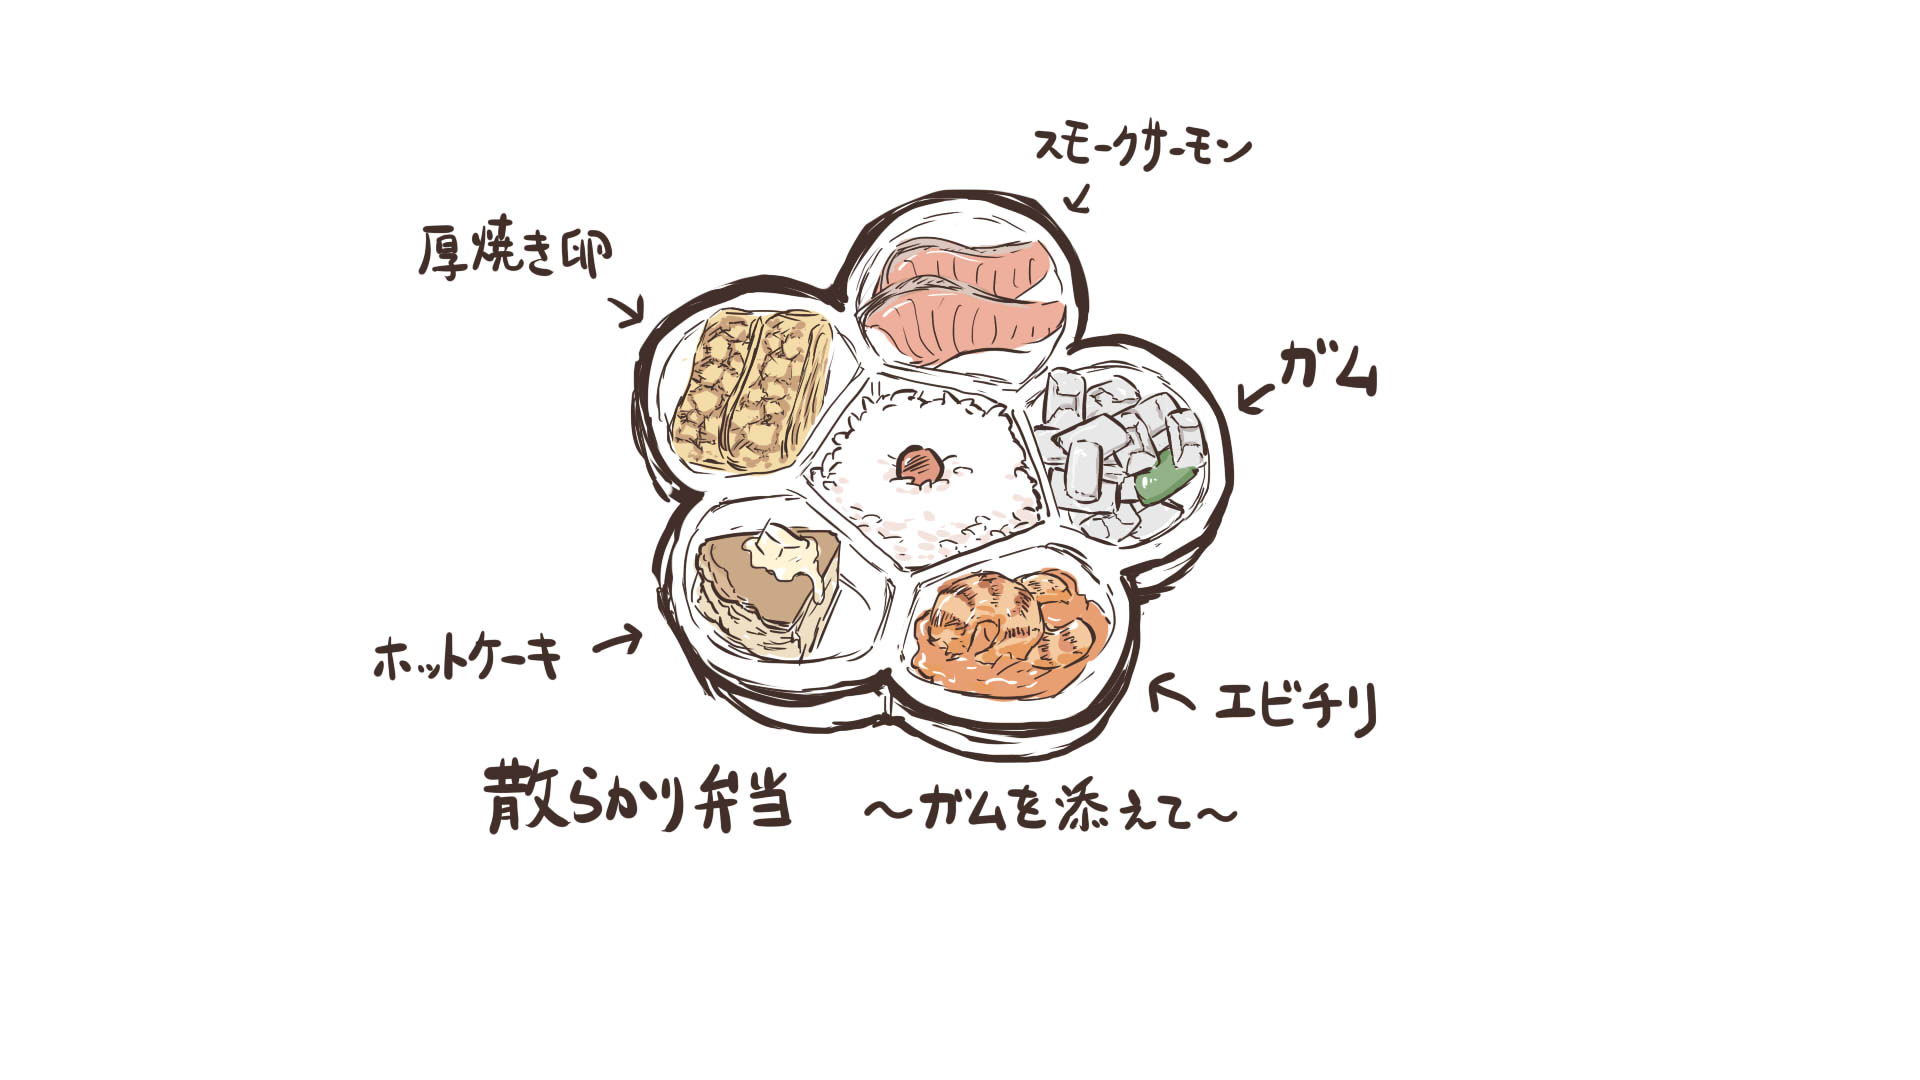 """ニコニコ超会議2018にごはんもおかずも""""ポテサラ""""な「超POTESARA弁当」が販売決定!"""